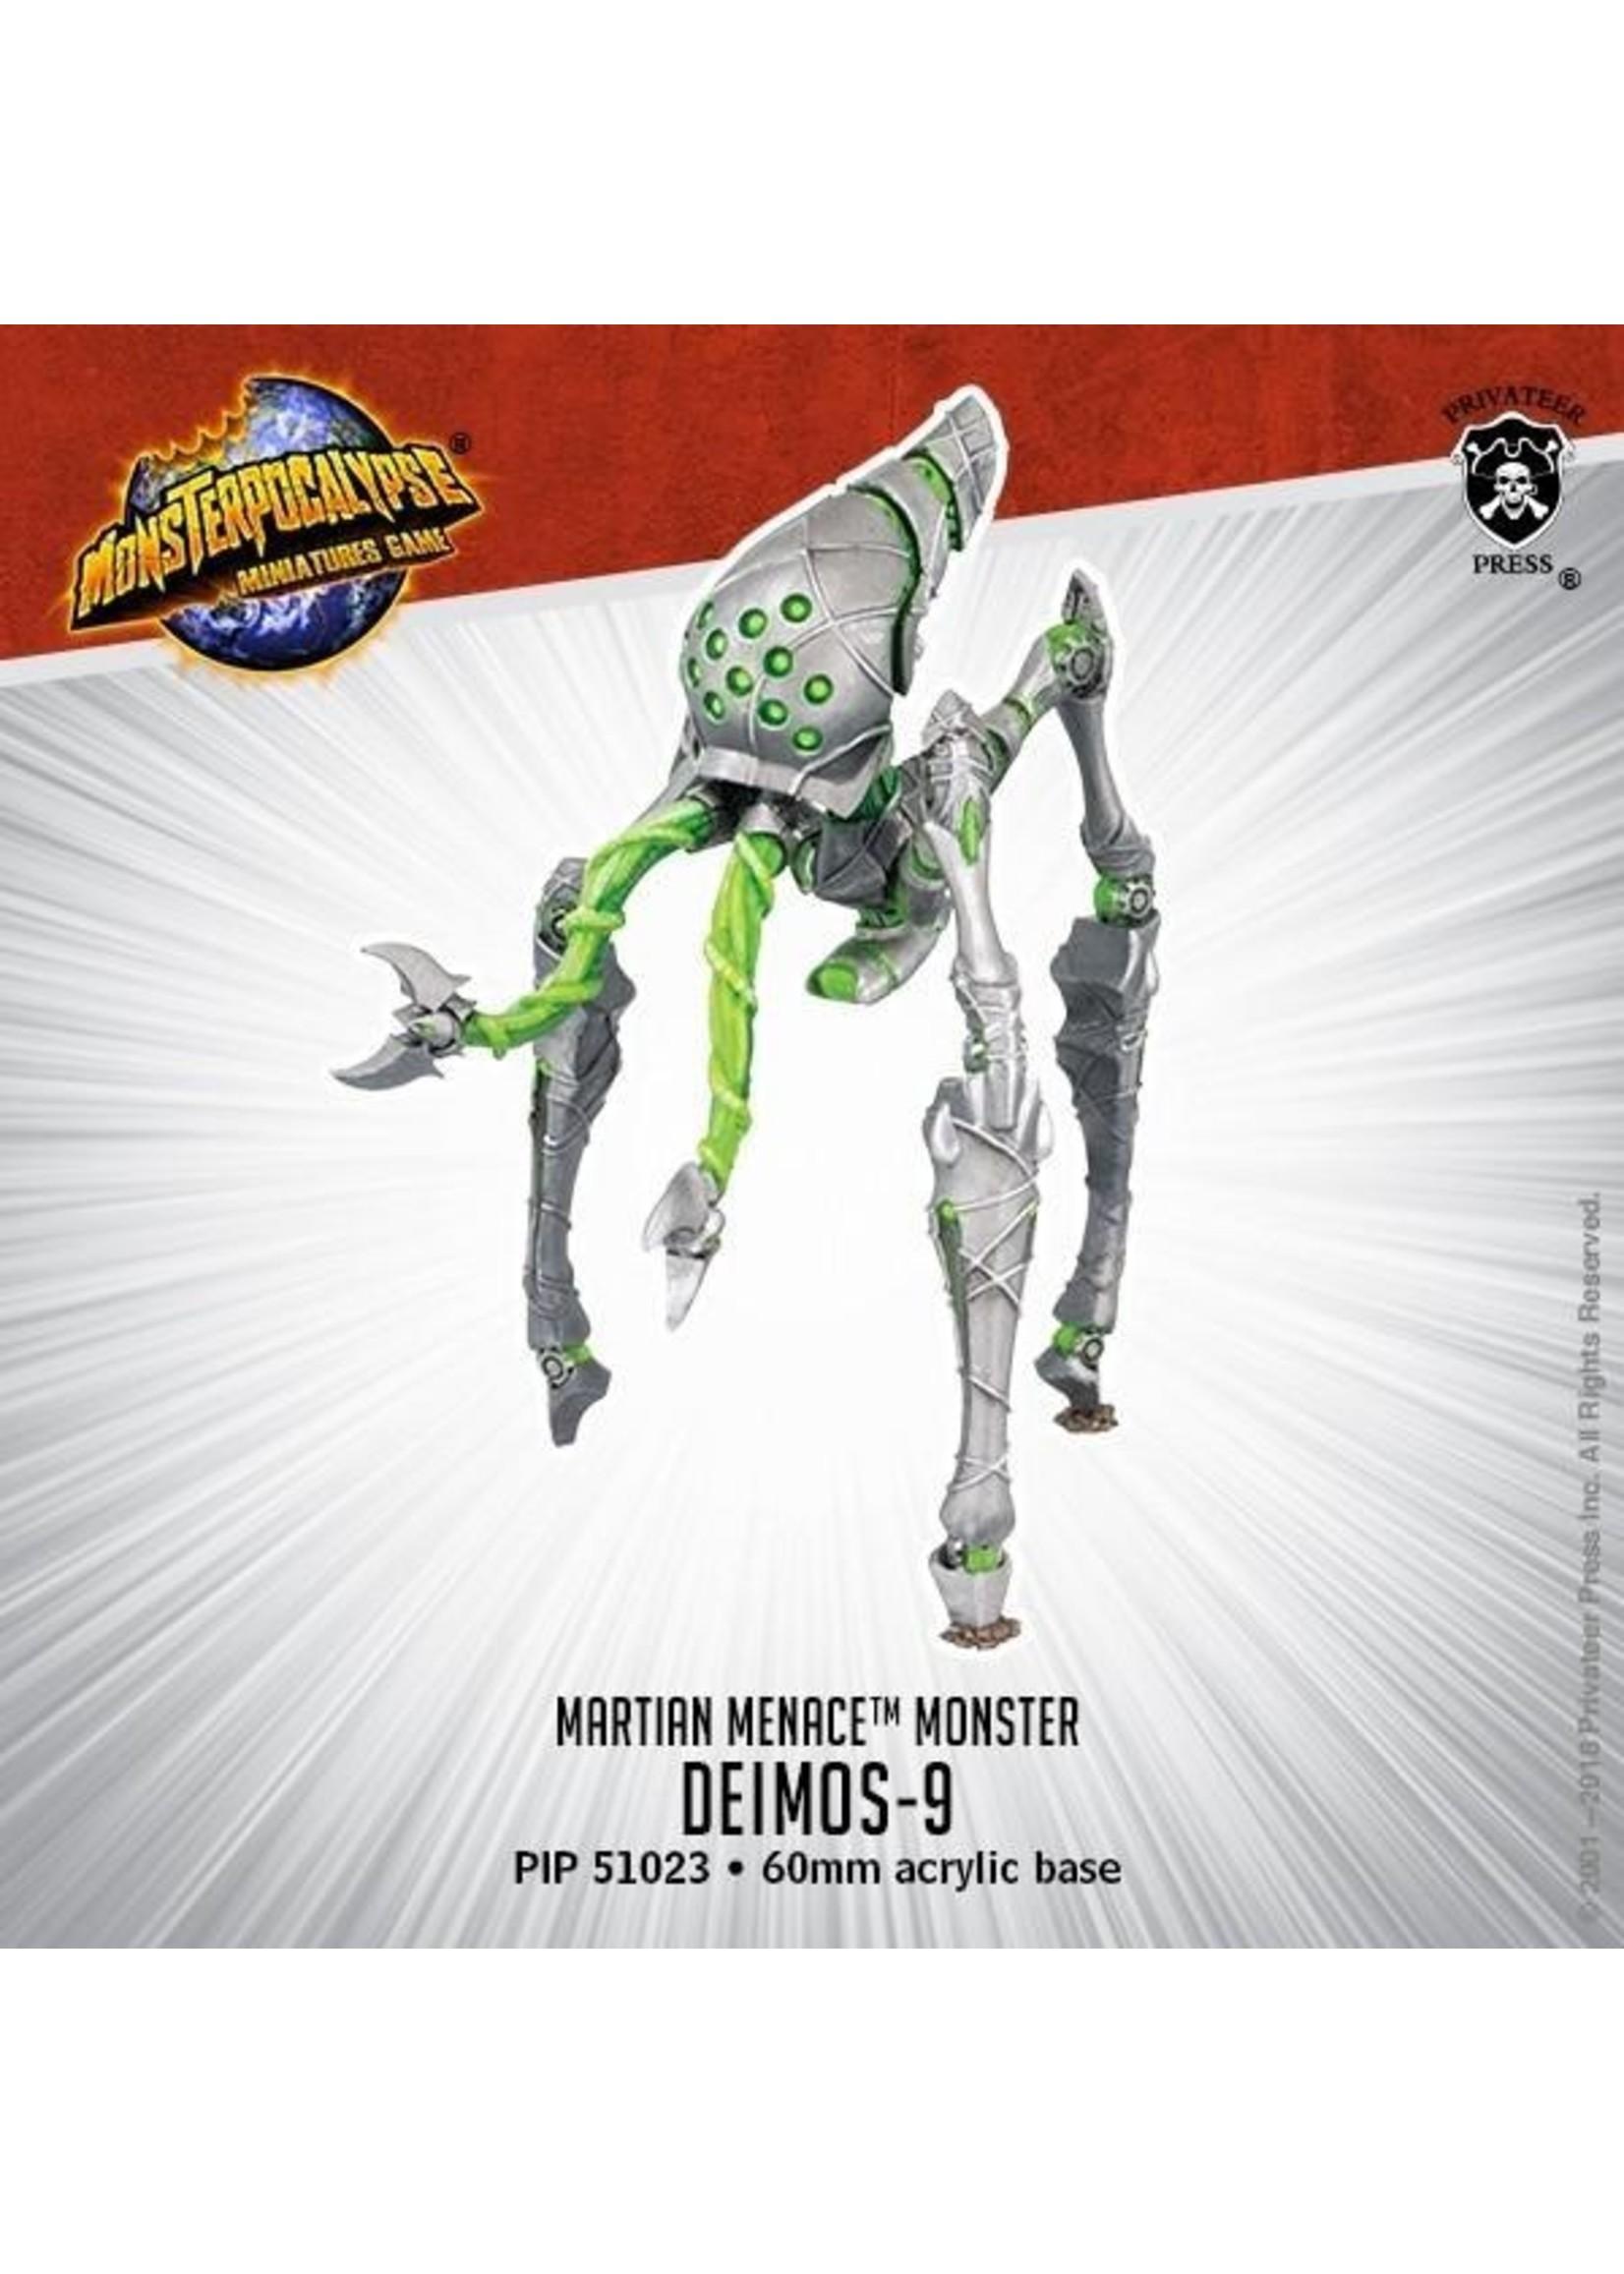 Monsterpocalypse: Martian Menace Deimos-9 Monster (Resin)